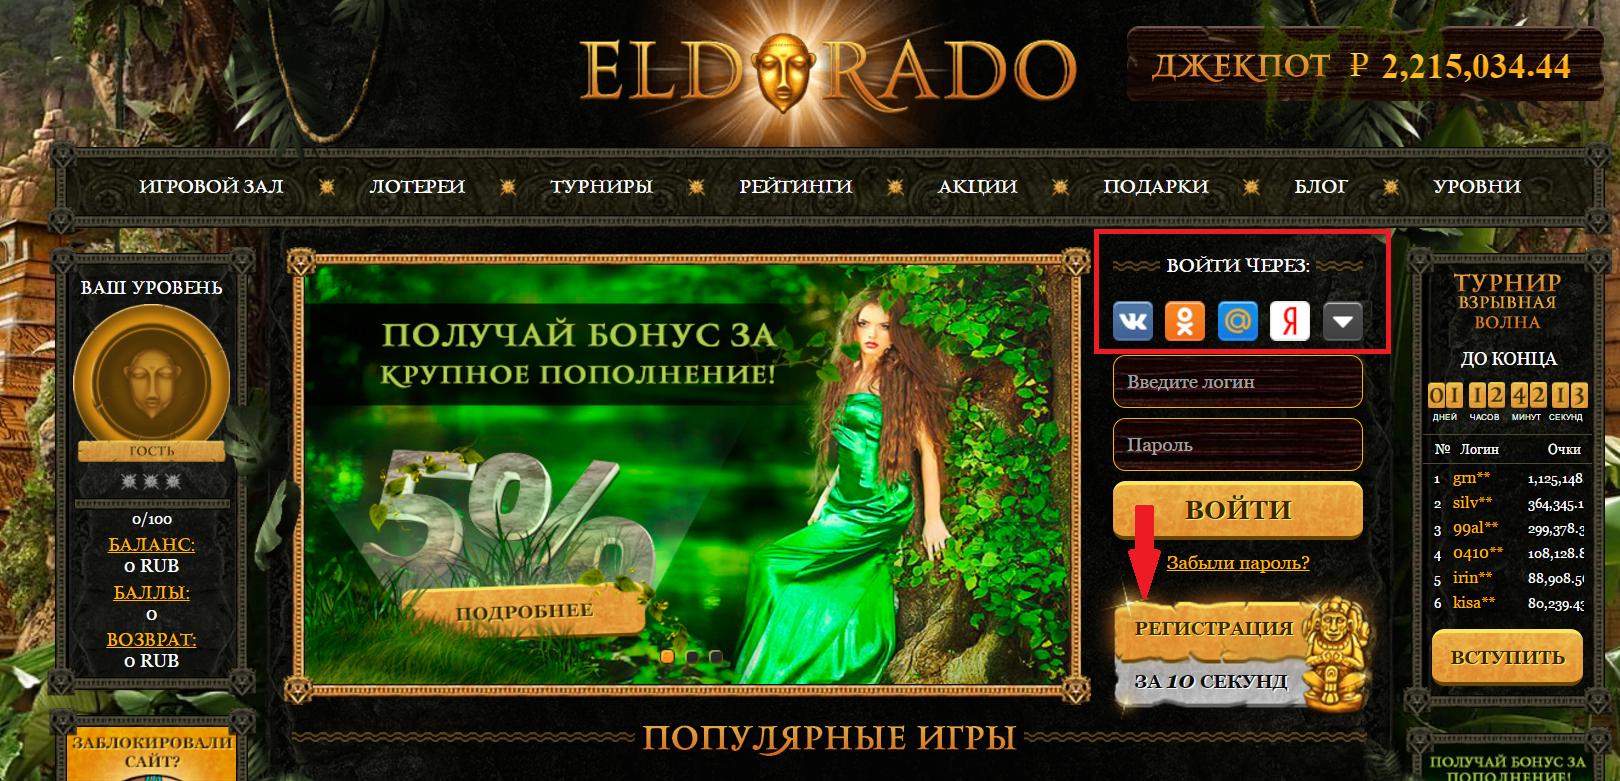 казино эльдорадо бездепозитный бонус за регистрацию